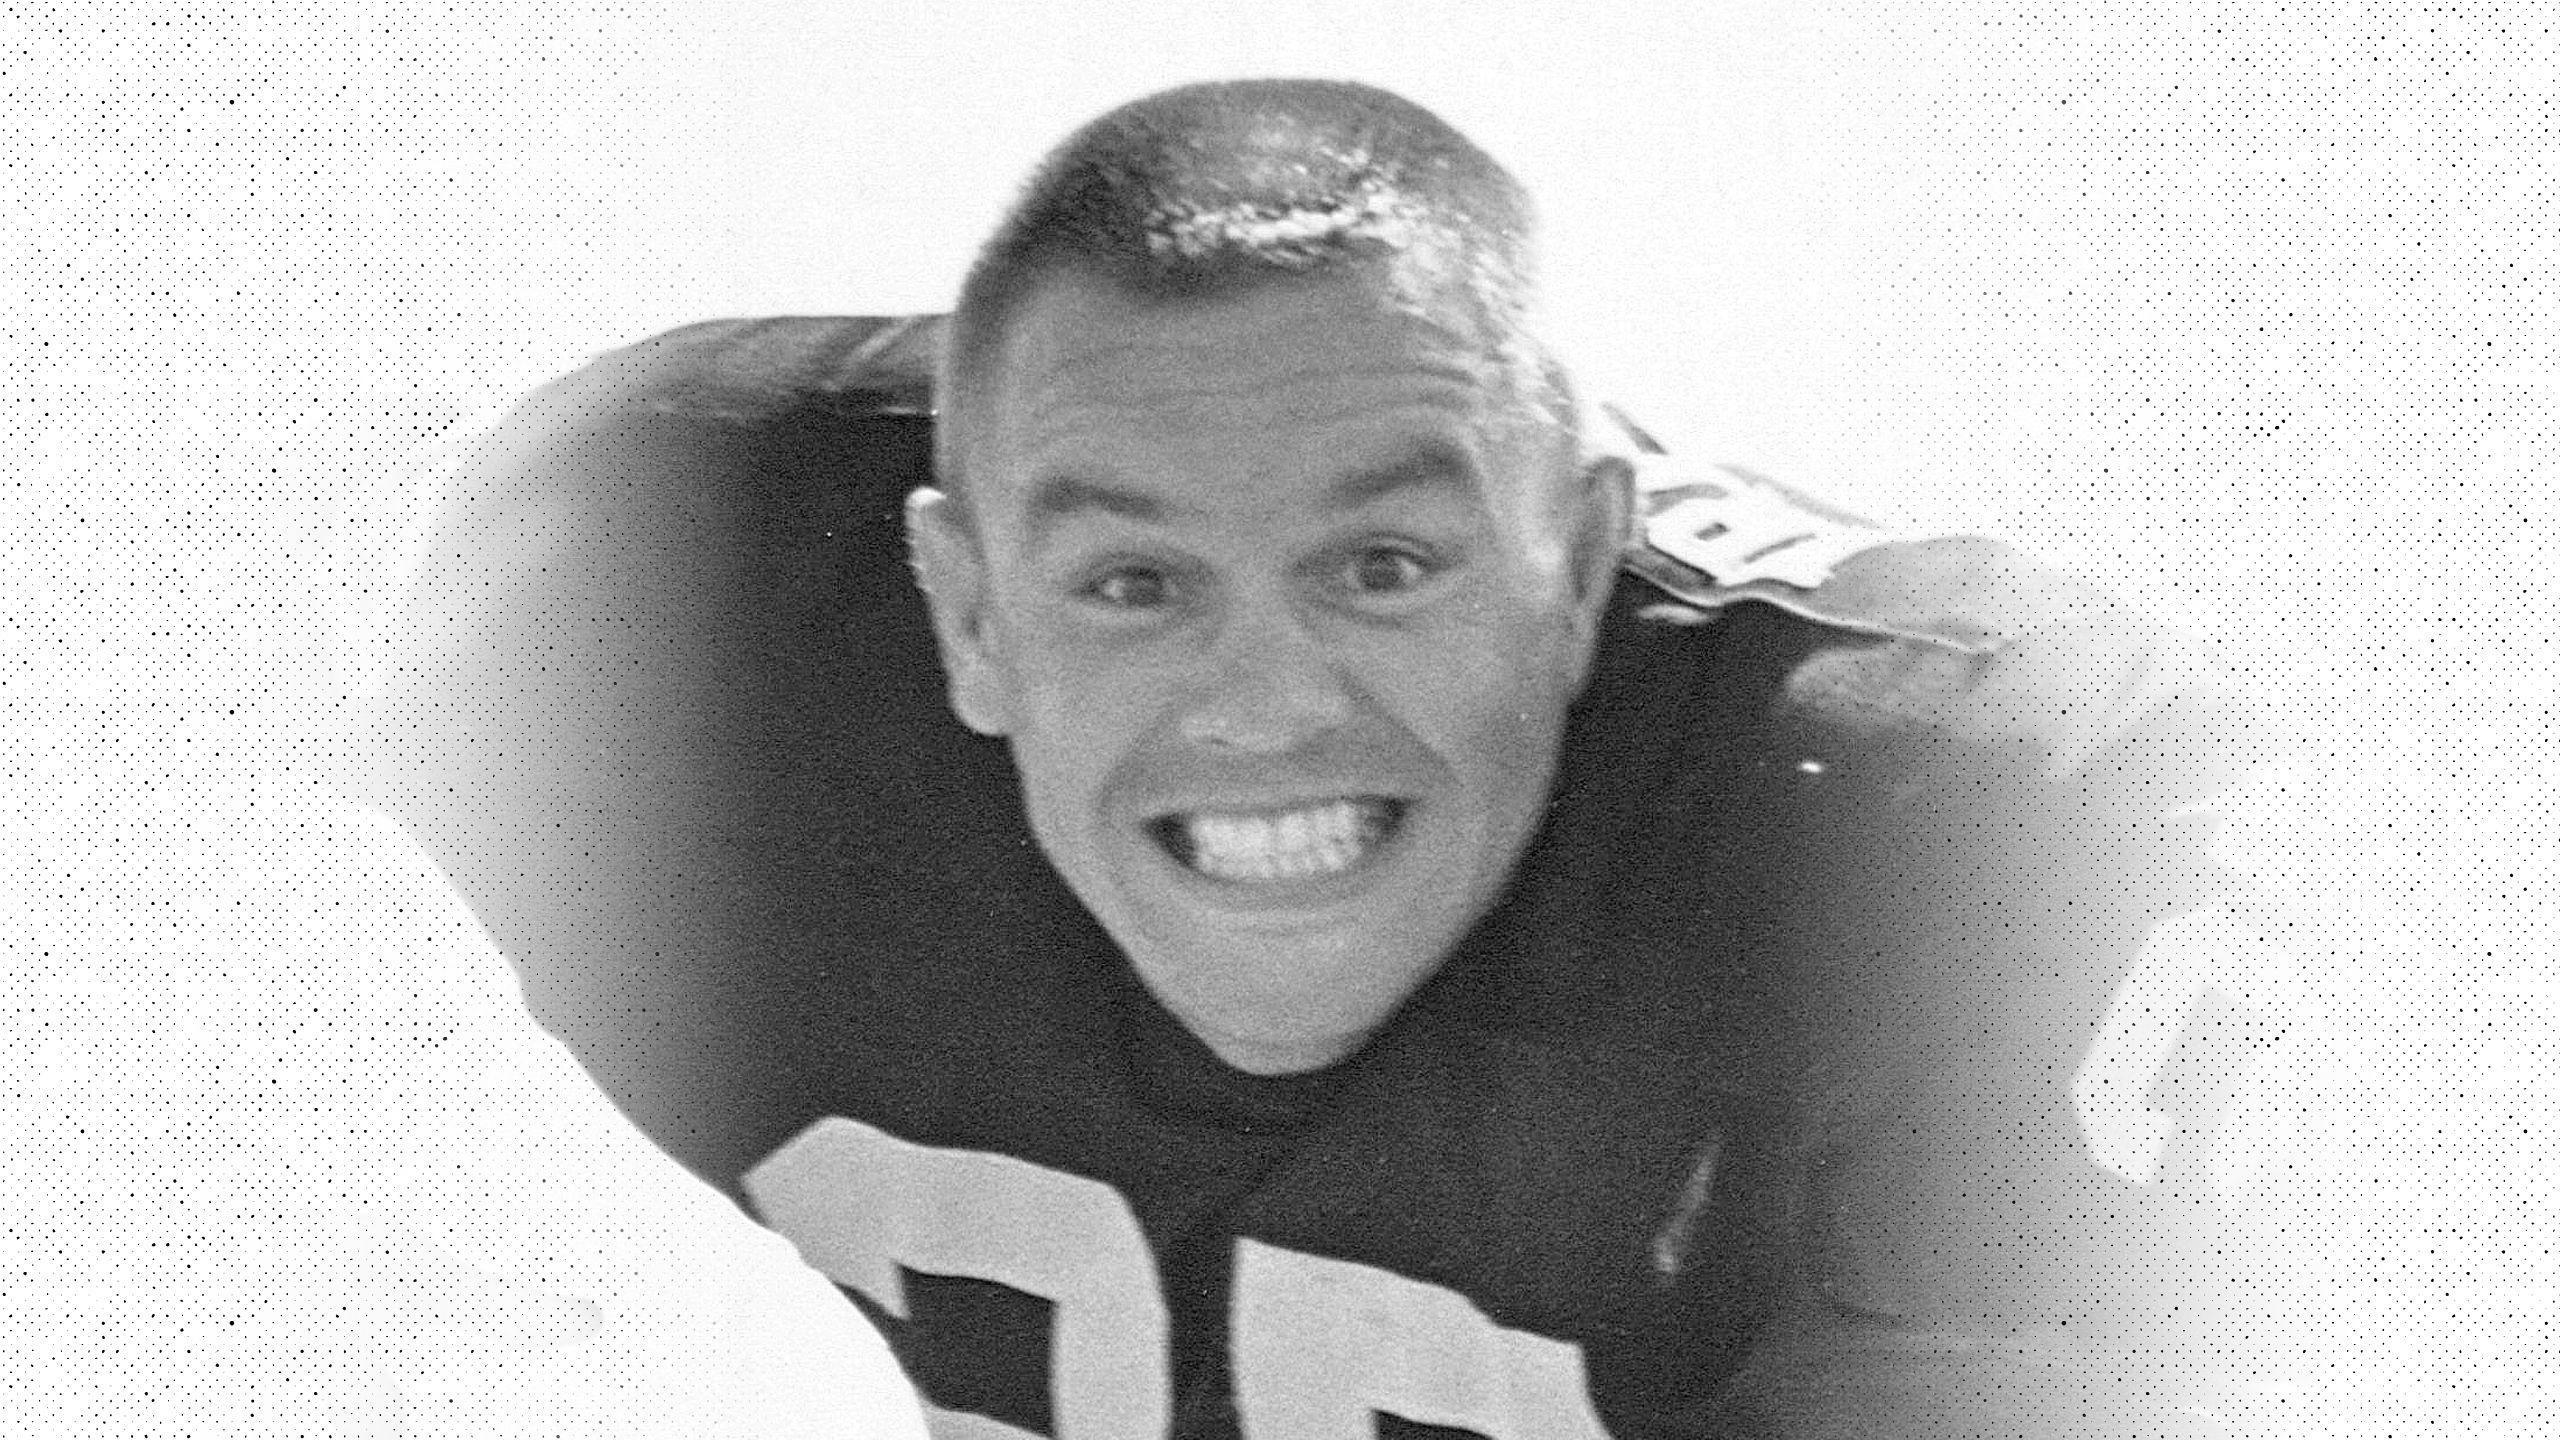 Joe Krakoski